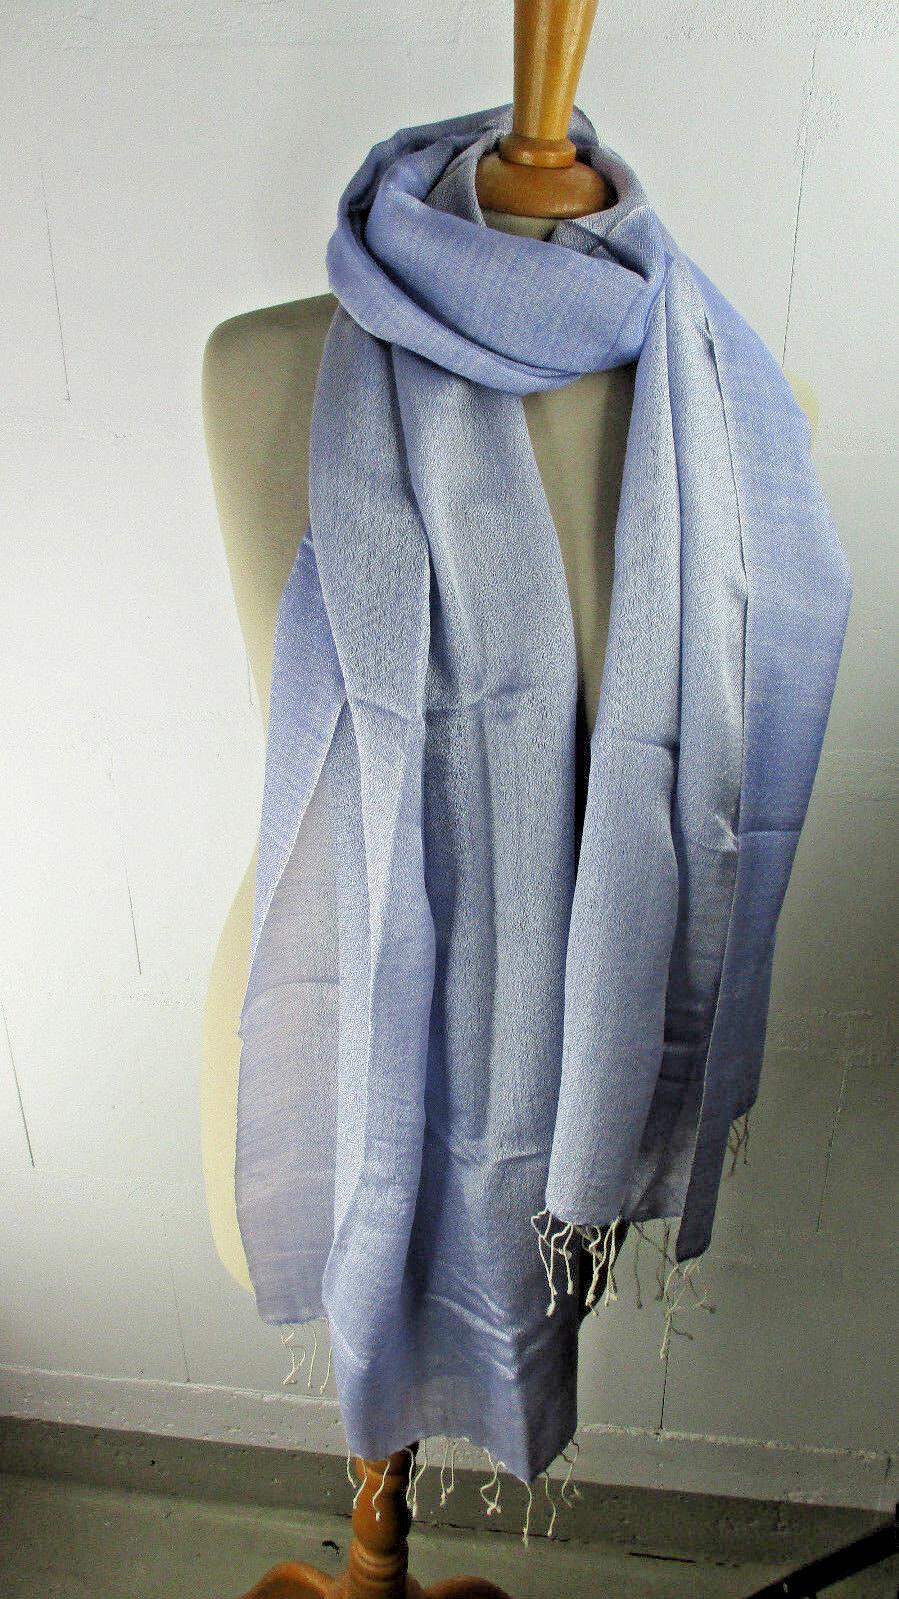 Original Original Original Aurea Lana Schal Tuch Stola Kashmir  MERINO WOLLE neu handgewebt AR-001 | Outlet Online  | Zuverlässige Qualität  | Spezielle Funktion  77be48